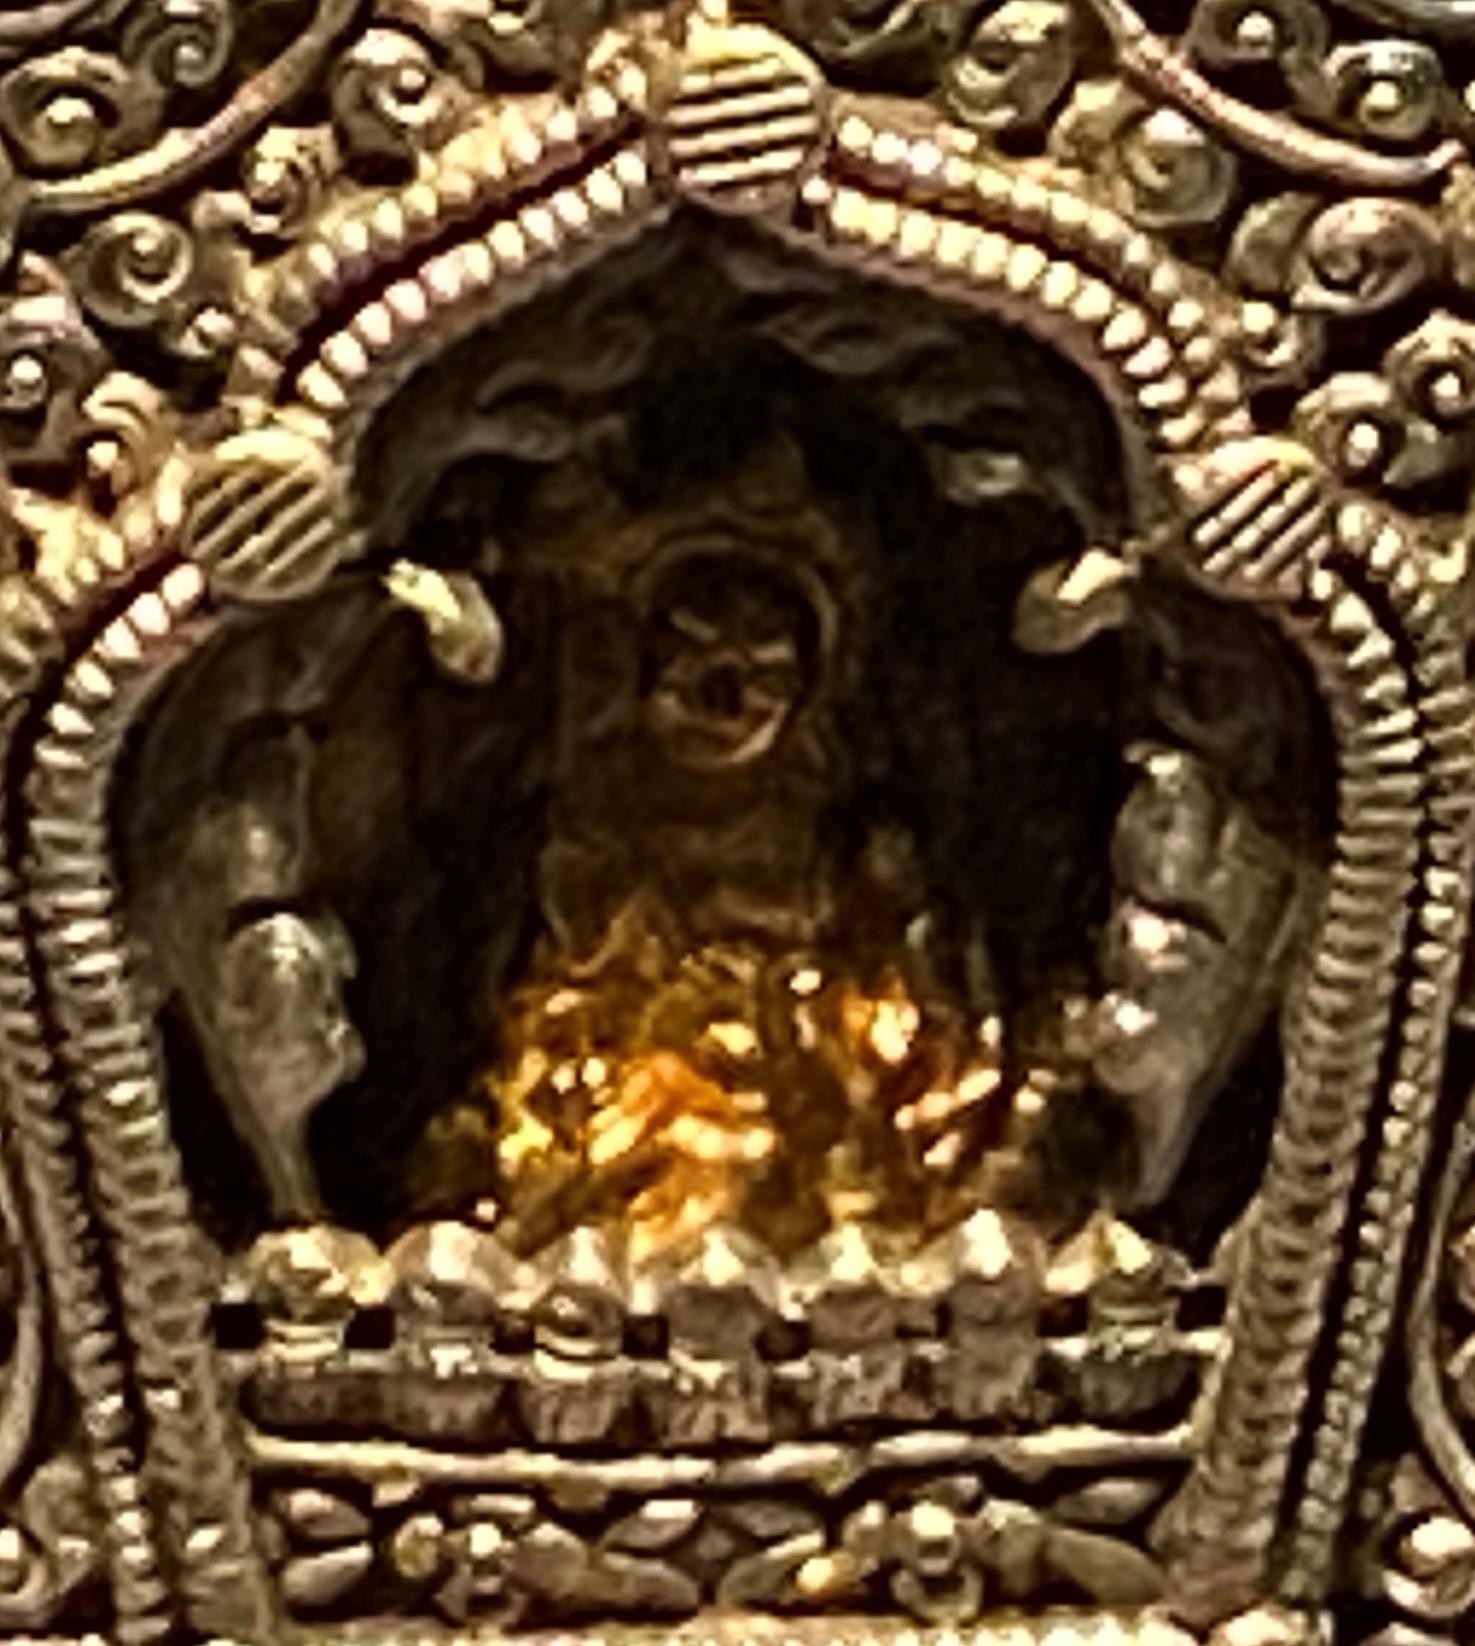 銀仏龕式嘎嗚-特別展【七宝玲瓏-ヒマラヤからの芸術珍品】-金沙遺跡博物館-成都